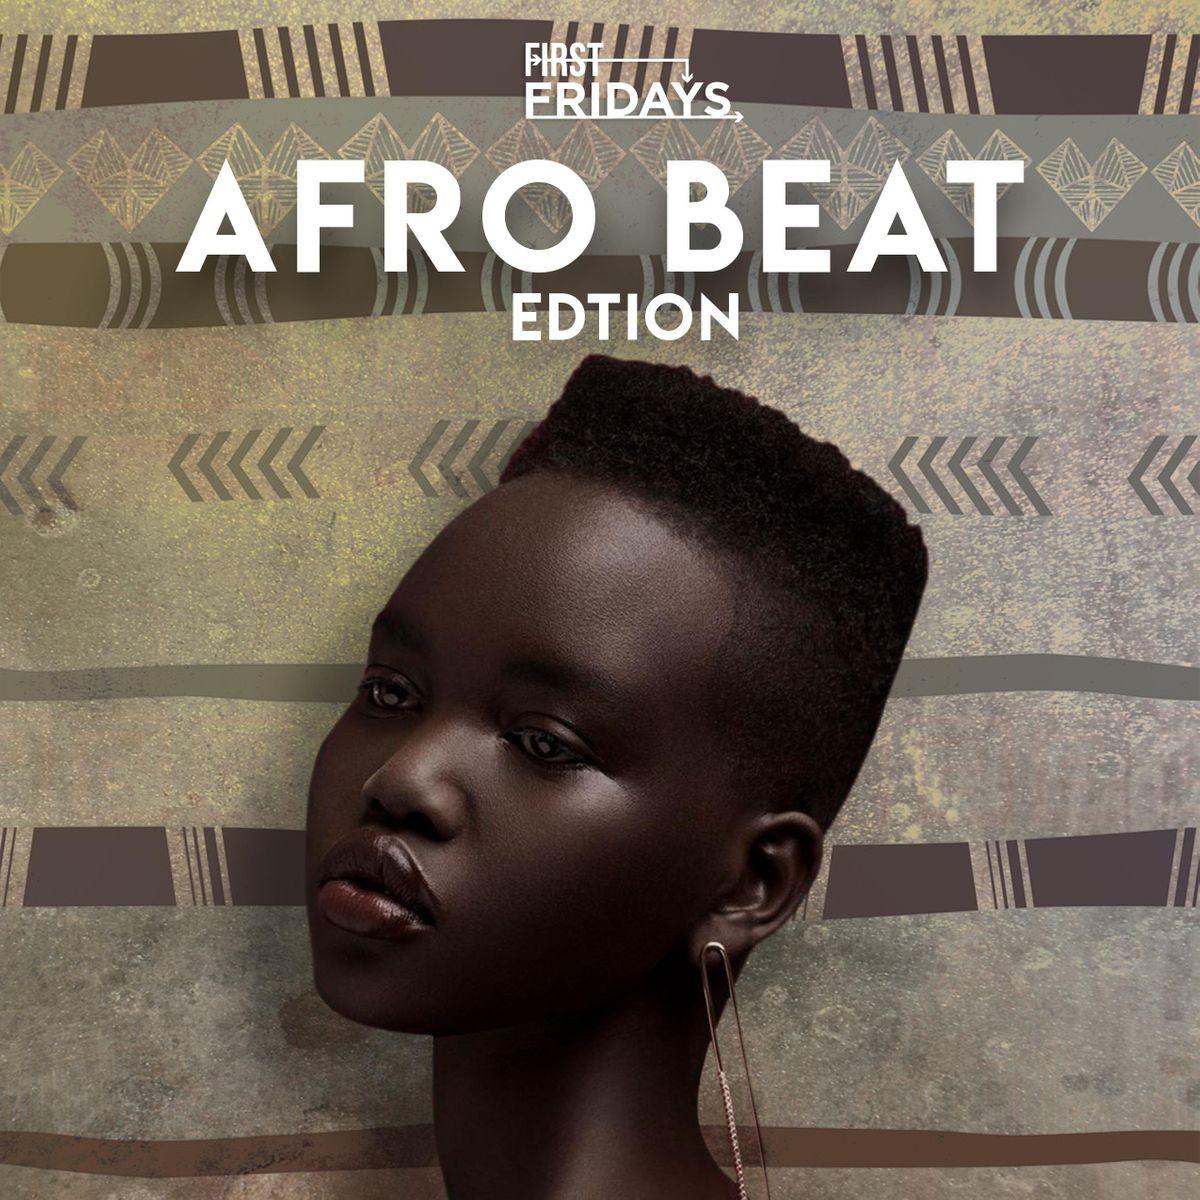 AfroBeats Edition First Fridays